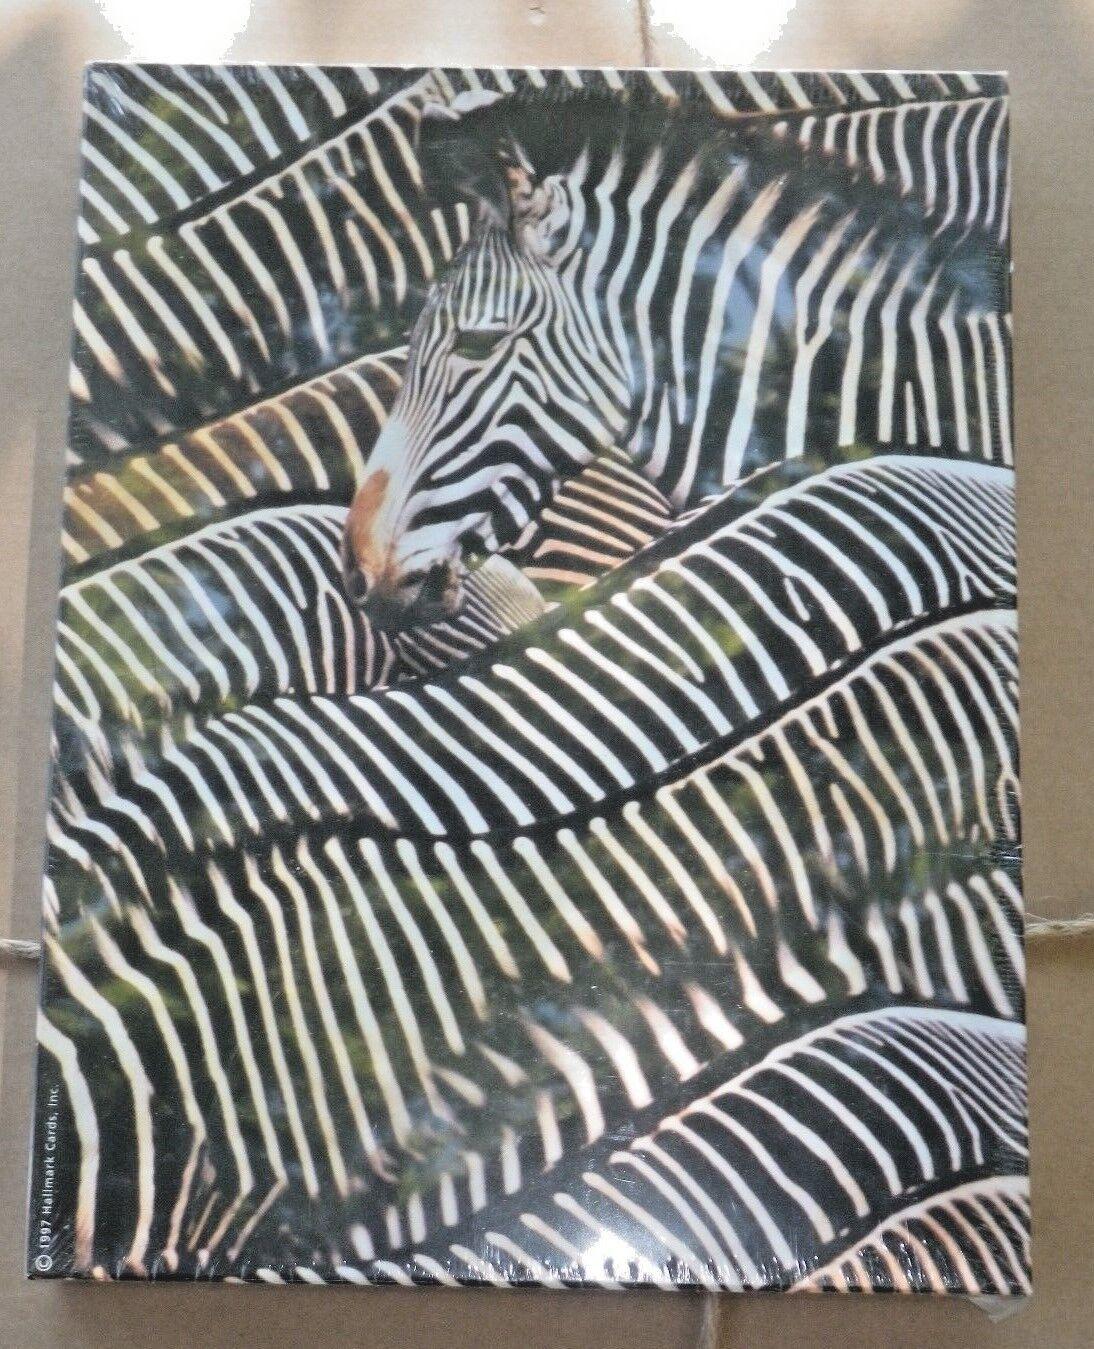 Springbok Yipes  Stripes  Zebra Jigsaw Puzzle 500 pc 18  x 23 1 2  USA Hallmark